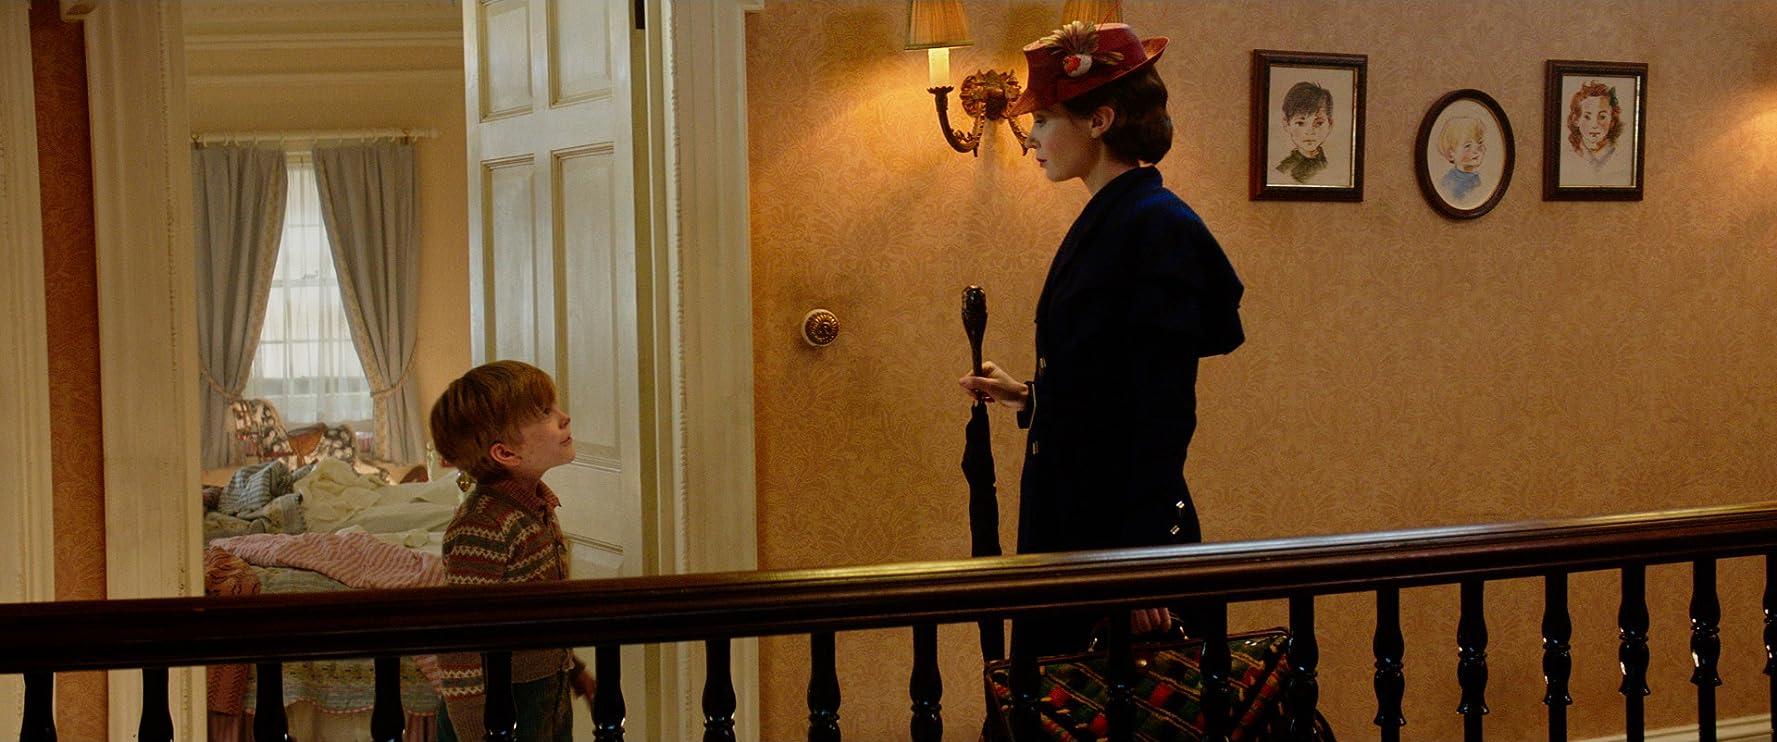 Het vervolg liet op zich wachten, maar na 54 jaar is de Mary Poppins Returns trailer hier te zien